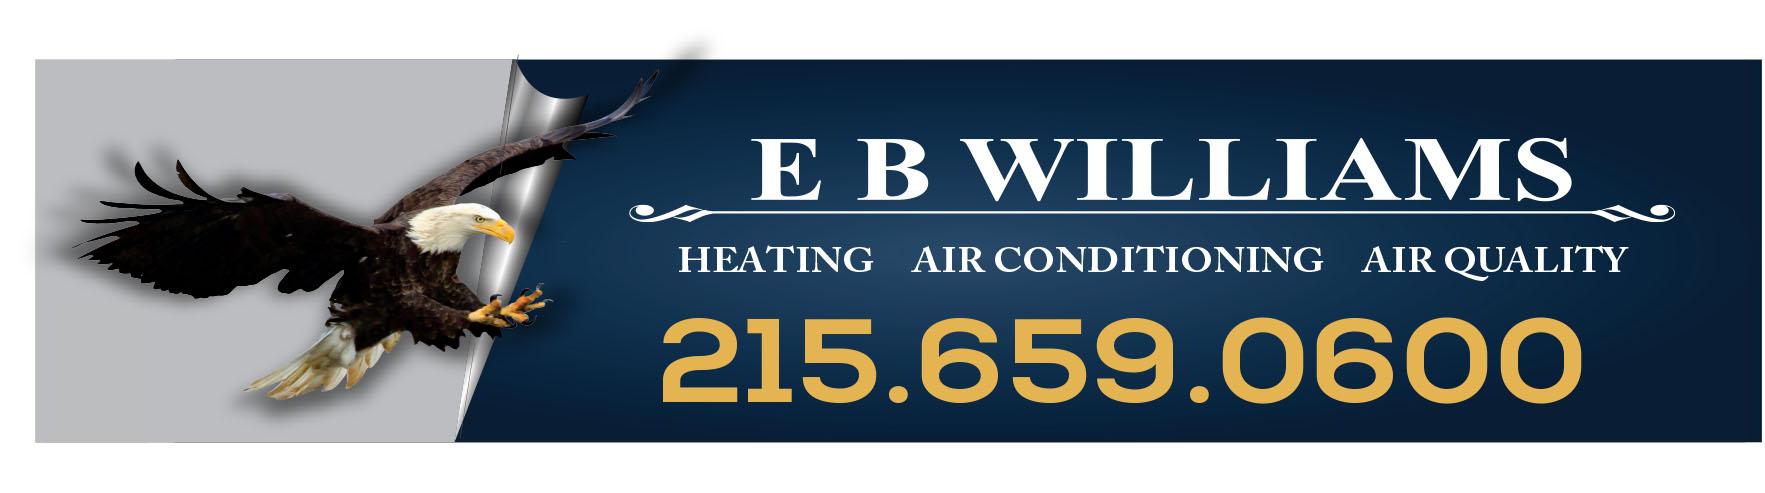 EB Williams HVAC